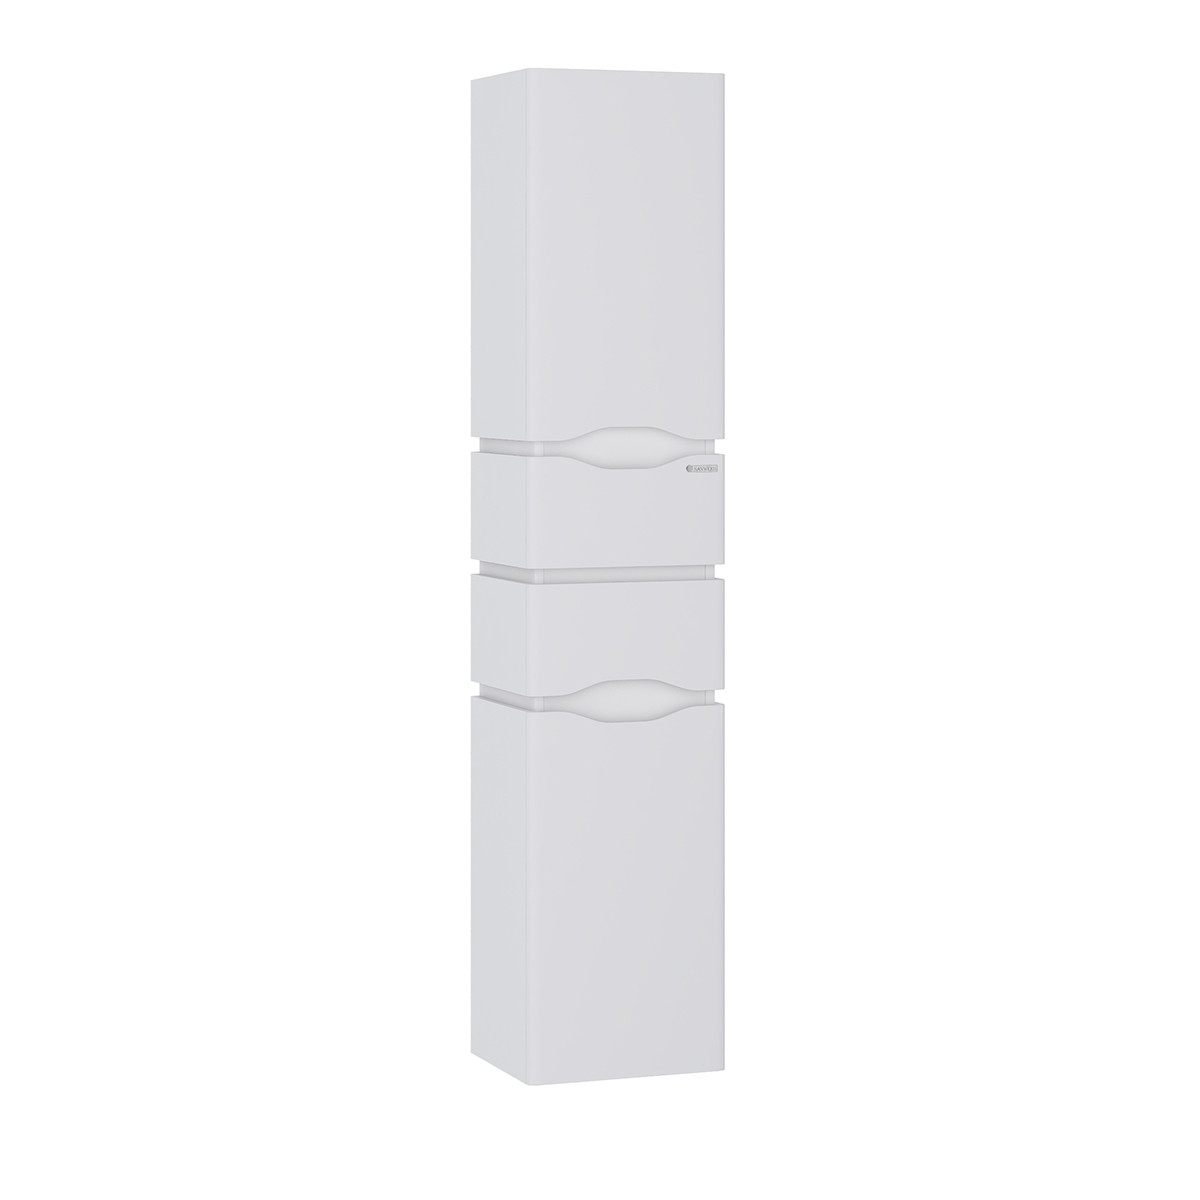 Пенал Sanwerk «Алесси AIR» 35 белый с корзиной прав